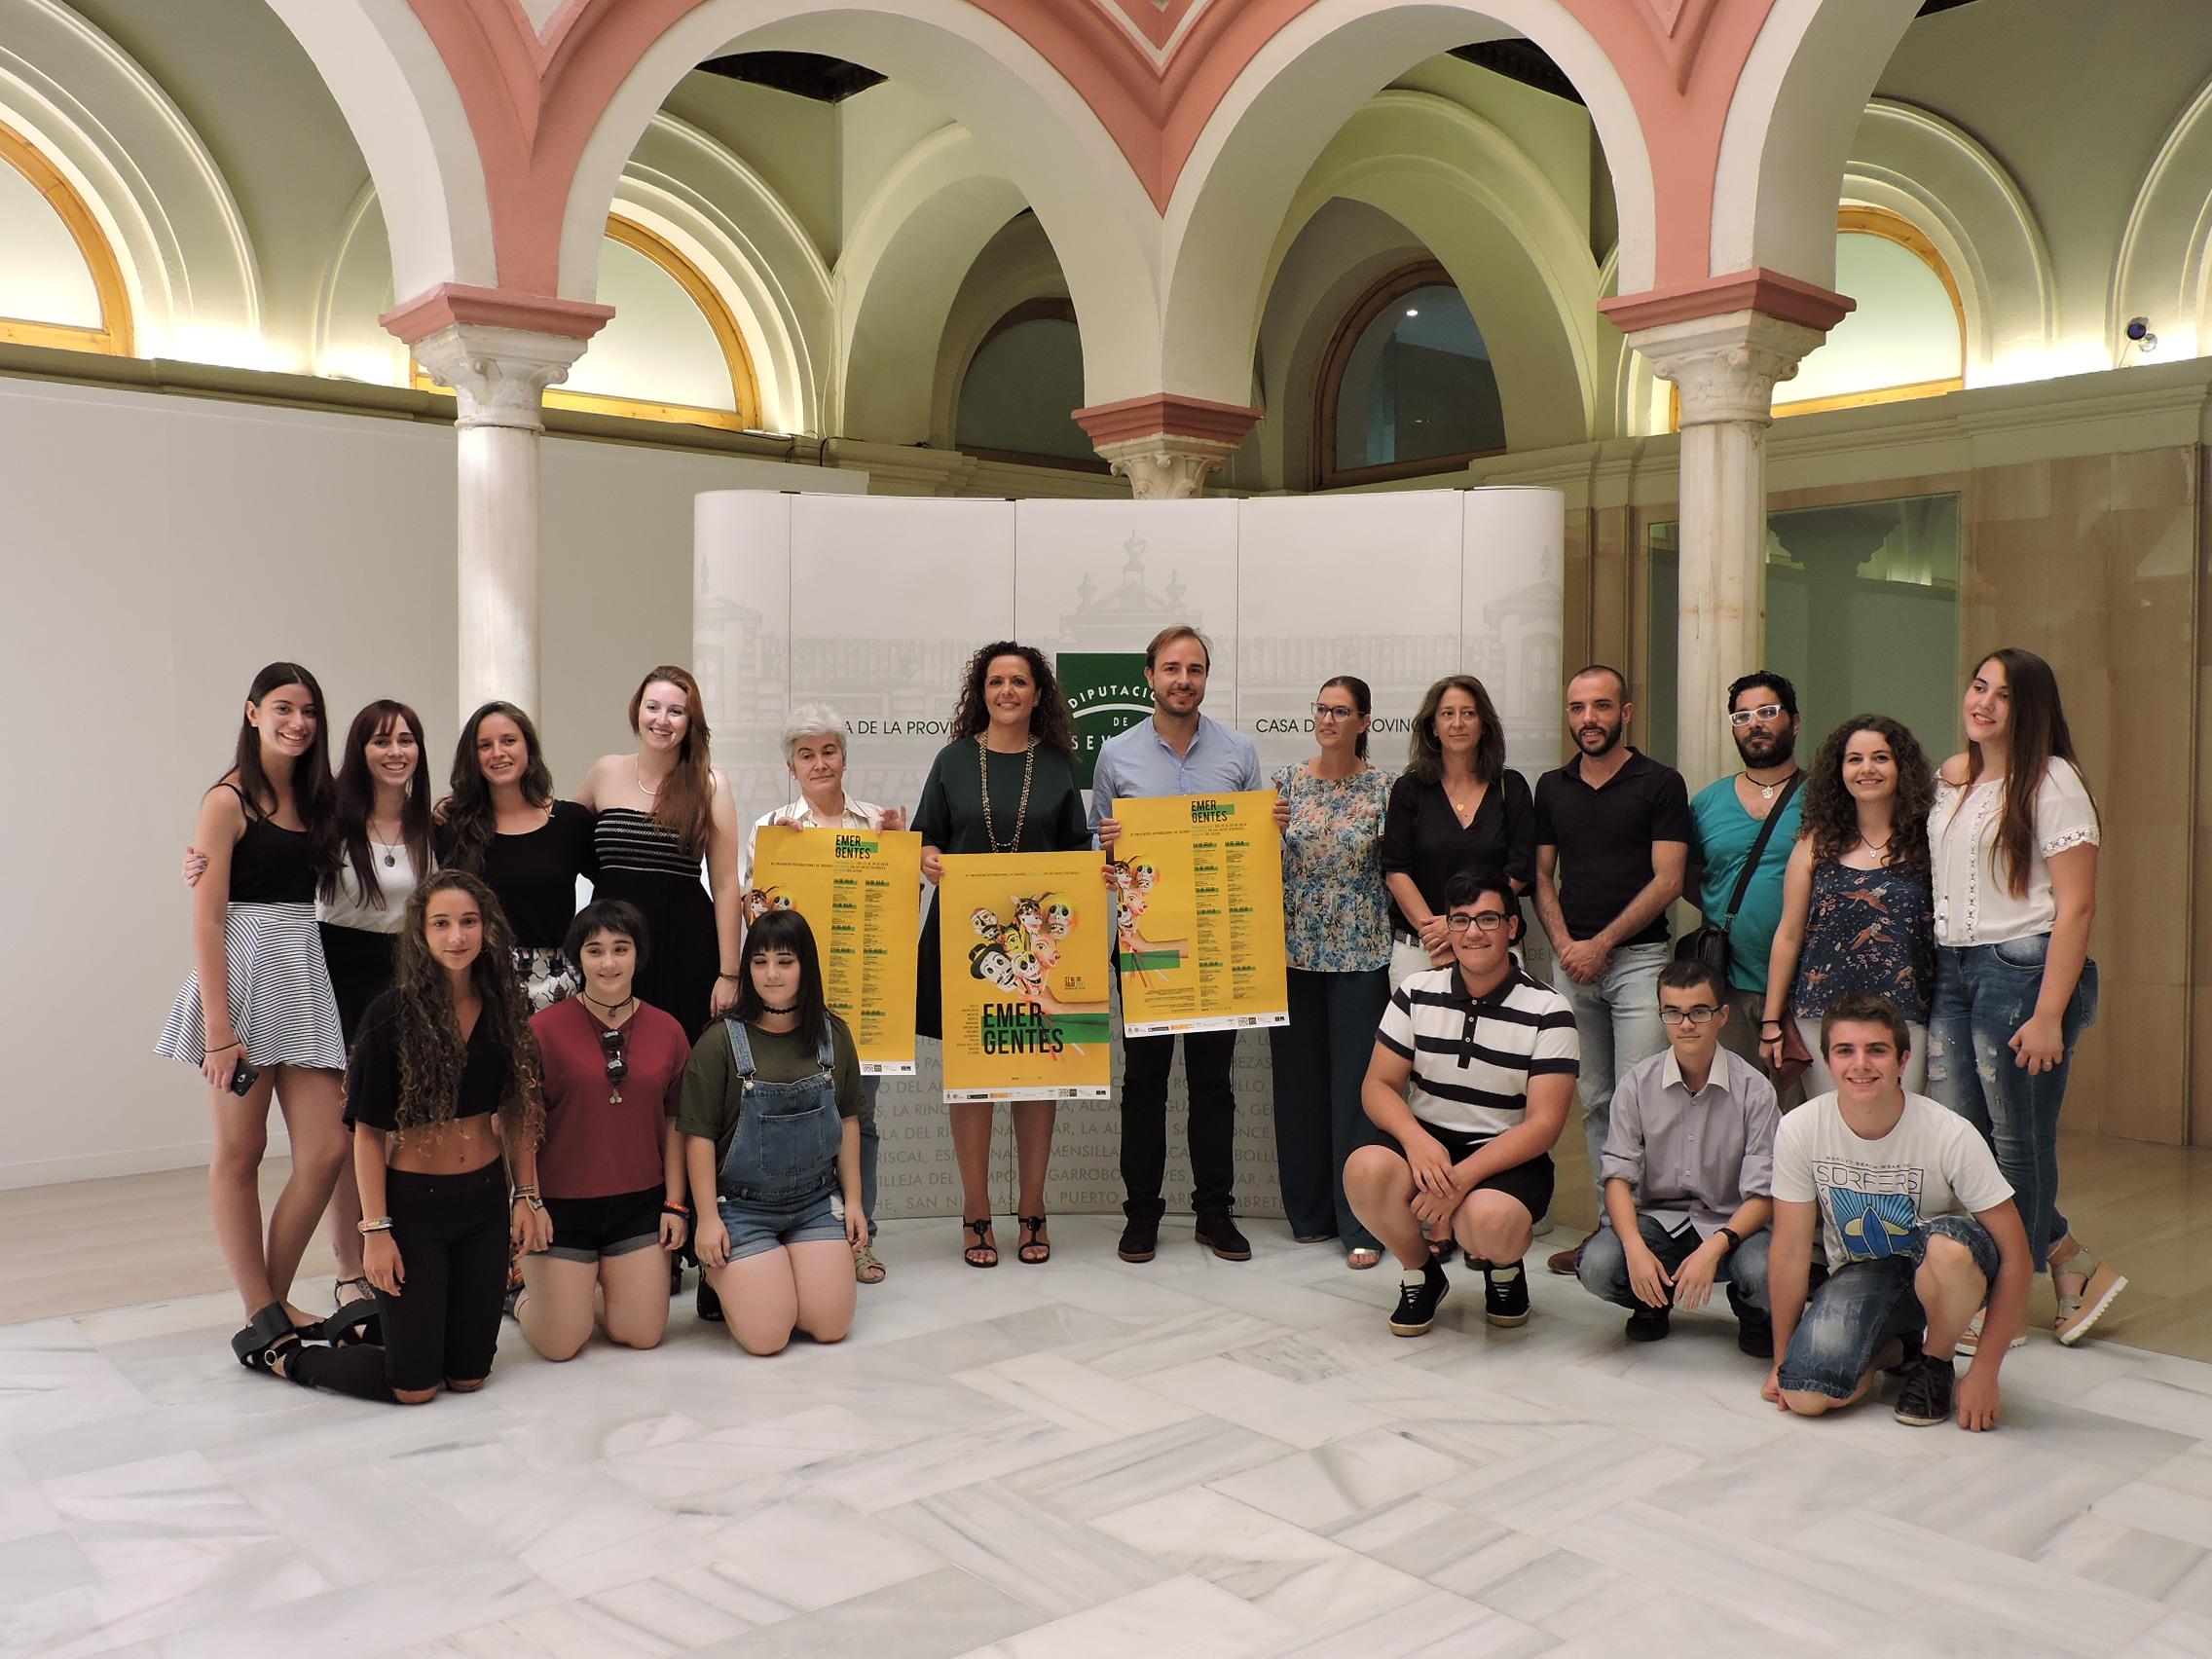 Mairena del alcor celebra del 27 al 30 de julio la 6 for Piscina mairena del alcor 2017